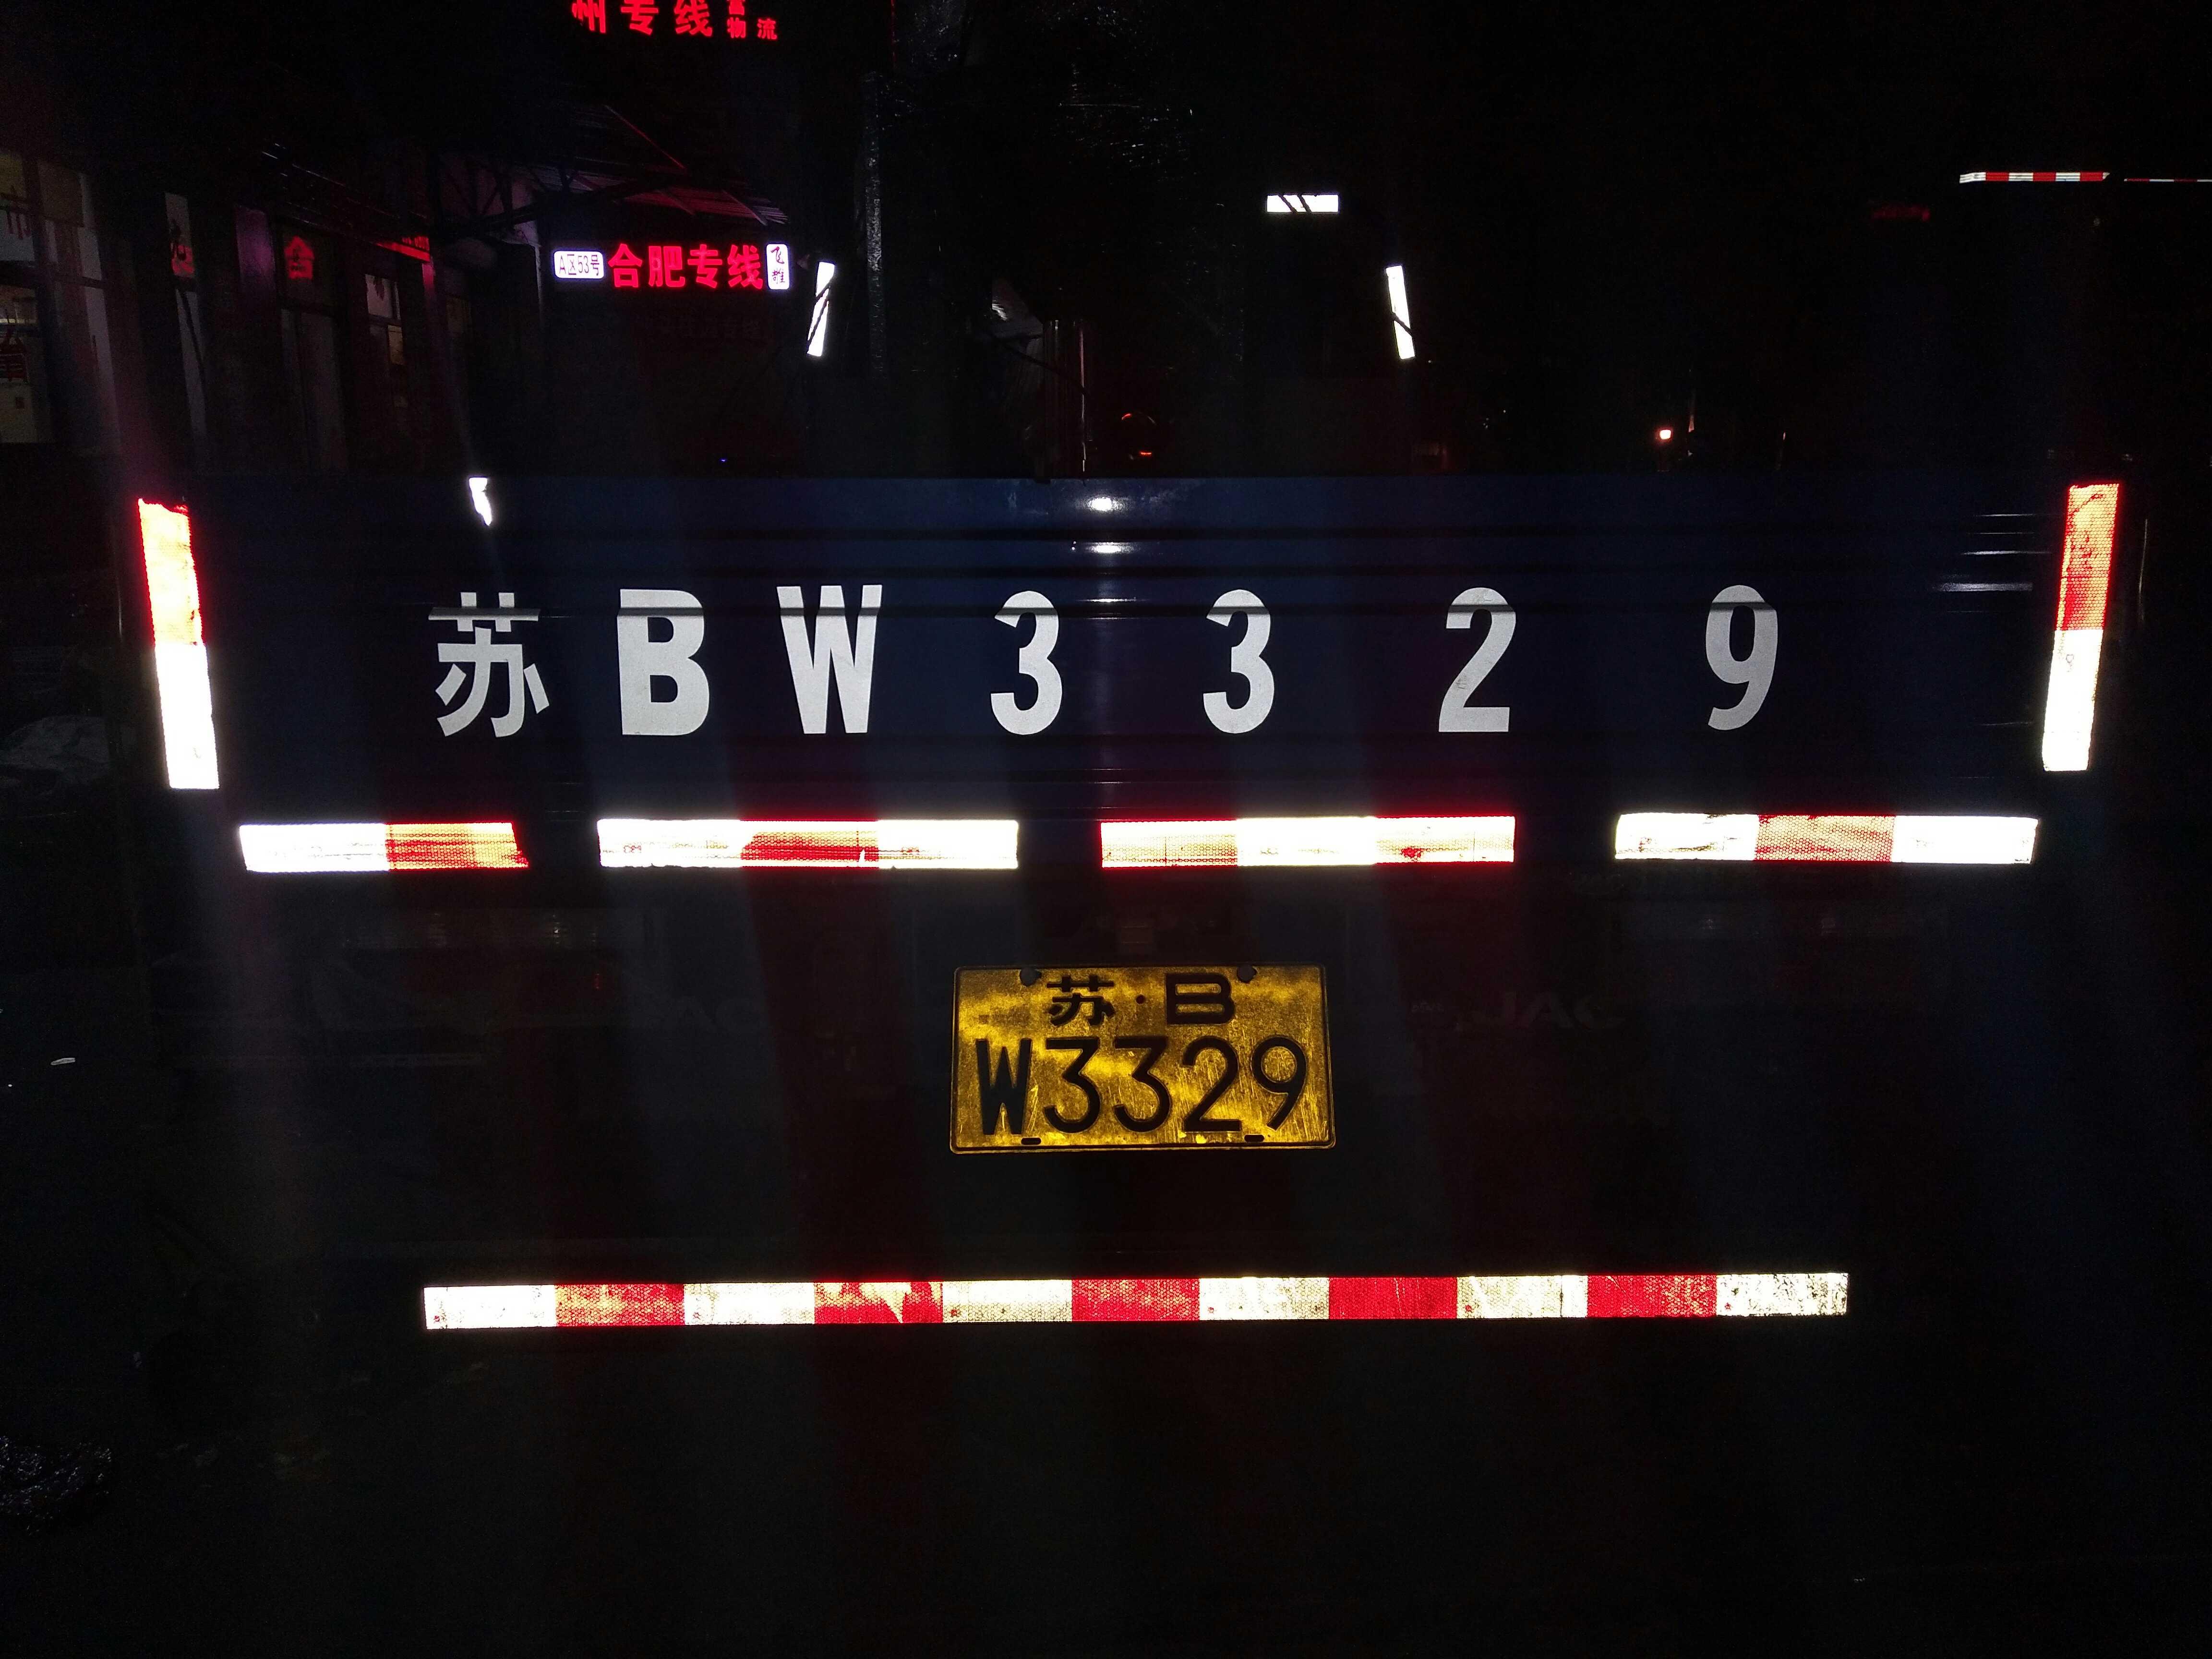 Компьютер-выгравированный отражающий фильм паста танкер пикап минивэн ночь рефлексивный зум номер обработки